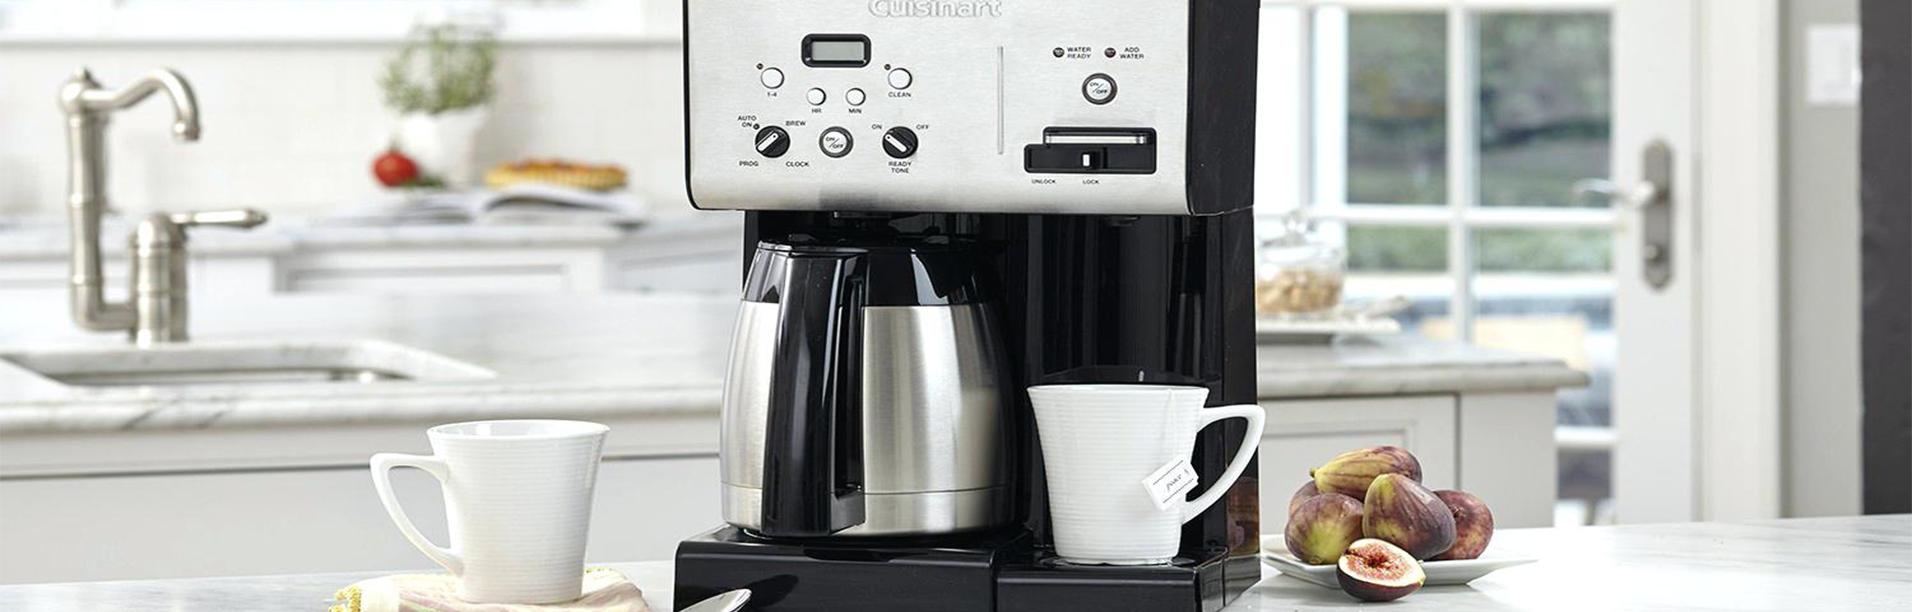 Dorm Appliance Suggestions | Appliances Connection